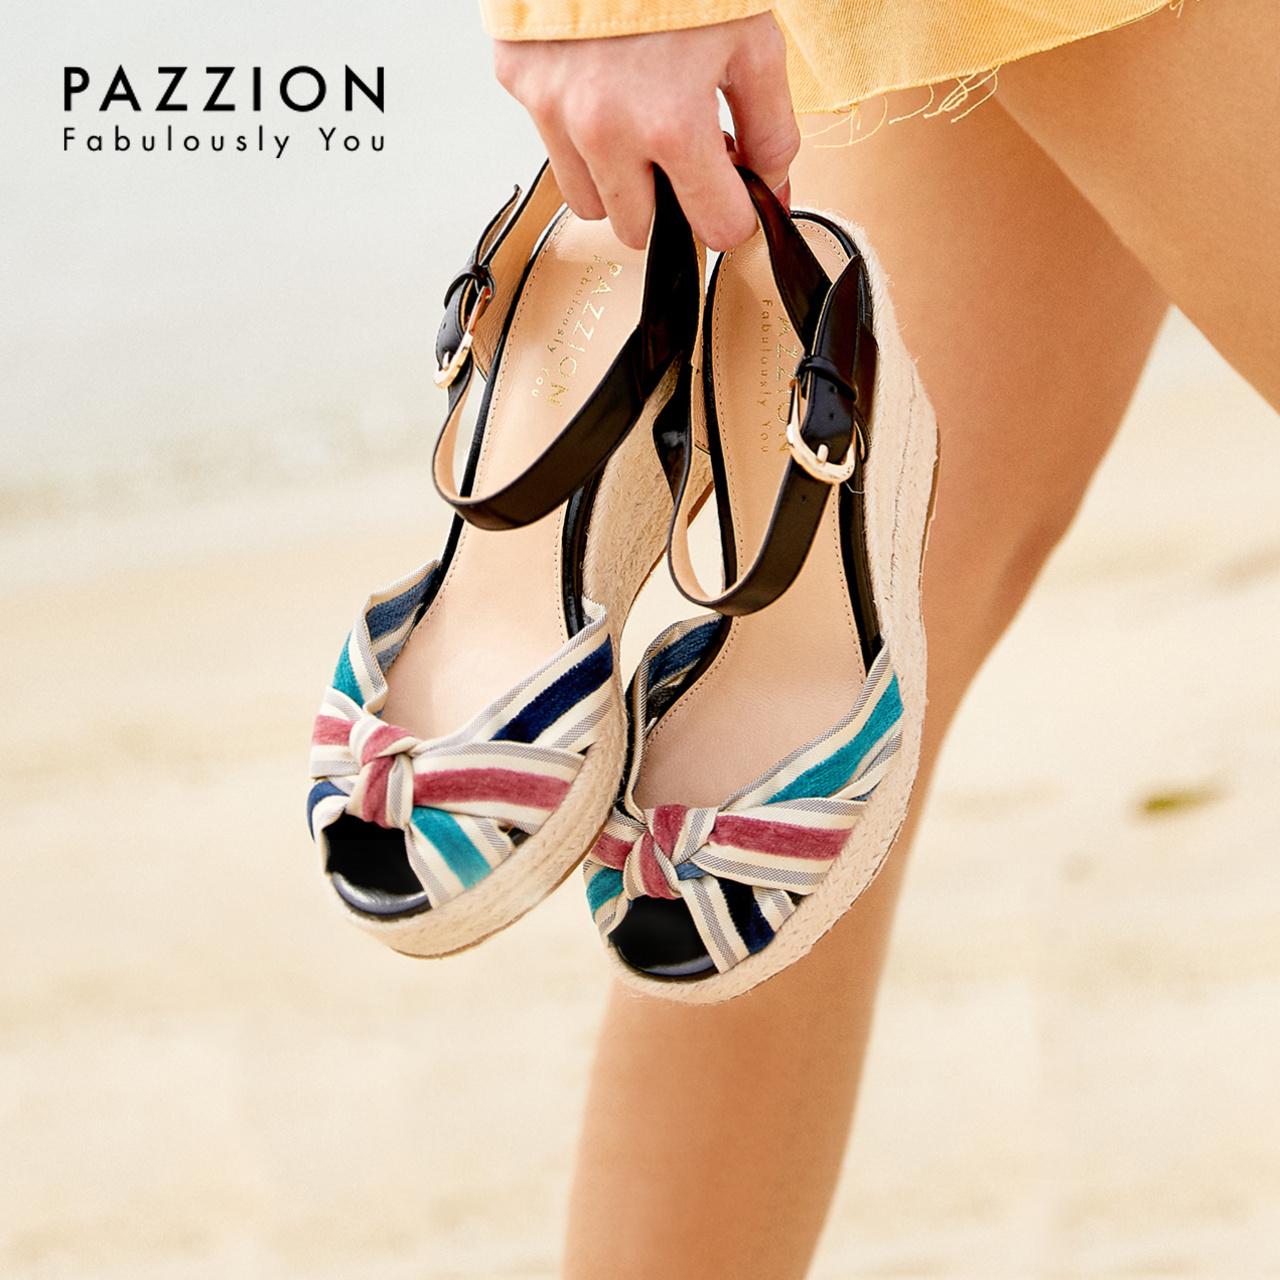 PAZZION交叉拼色带皮扣编织凉鞋女2019新款 时尚亮丽高跟坡跟单鞋